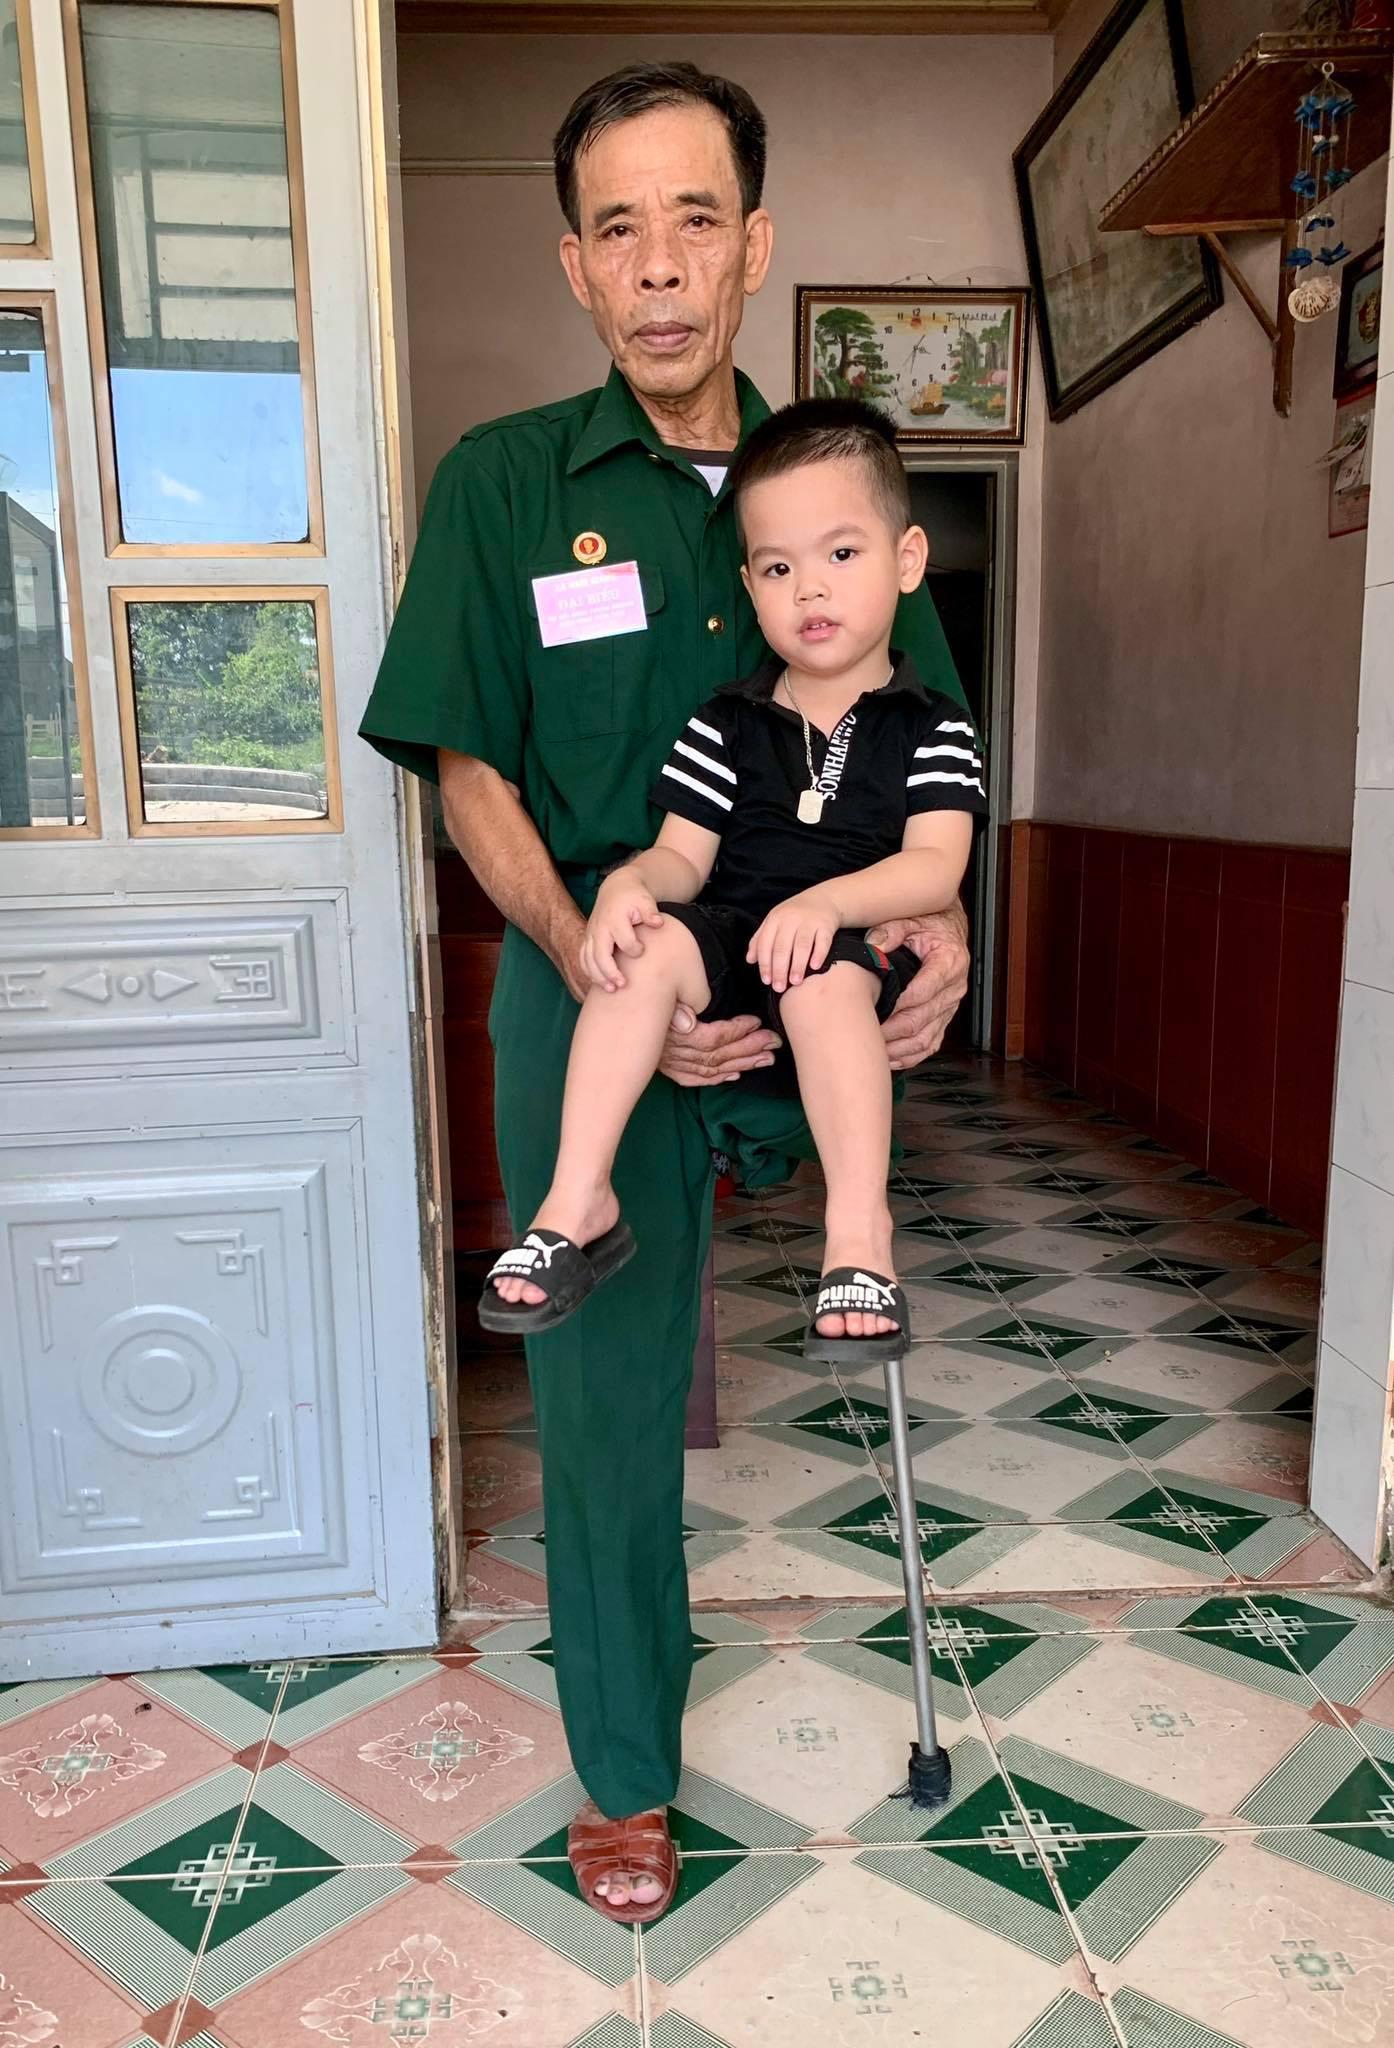 Chú Hoàn là người cha, người ông lý tưởng trong mắt con cháu (Ảnh nhân vật cung cấp)